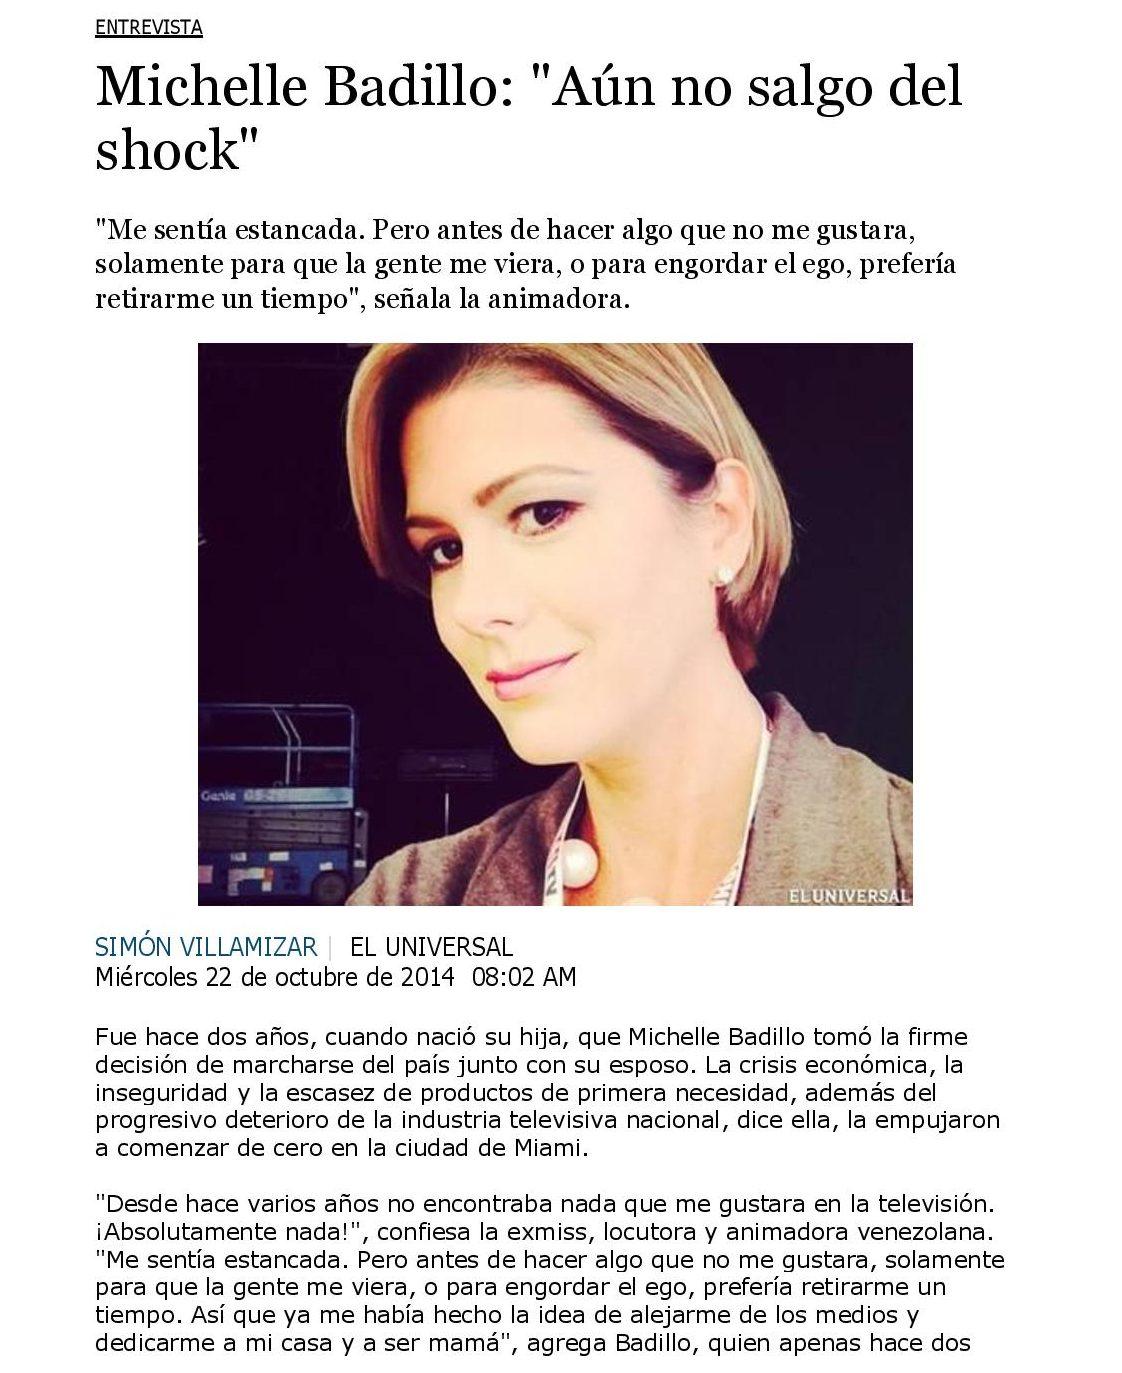 """Michelle Badillo: """"Aún no salgo del shock"""" - www.michellebadillo.com"""